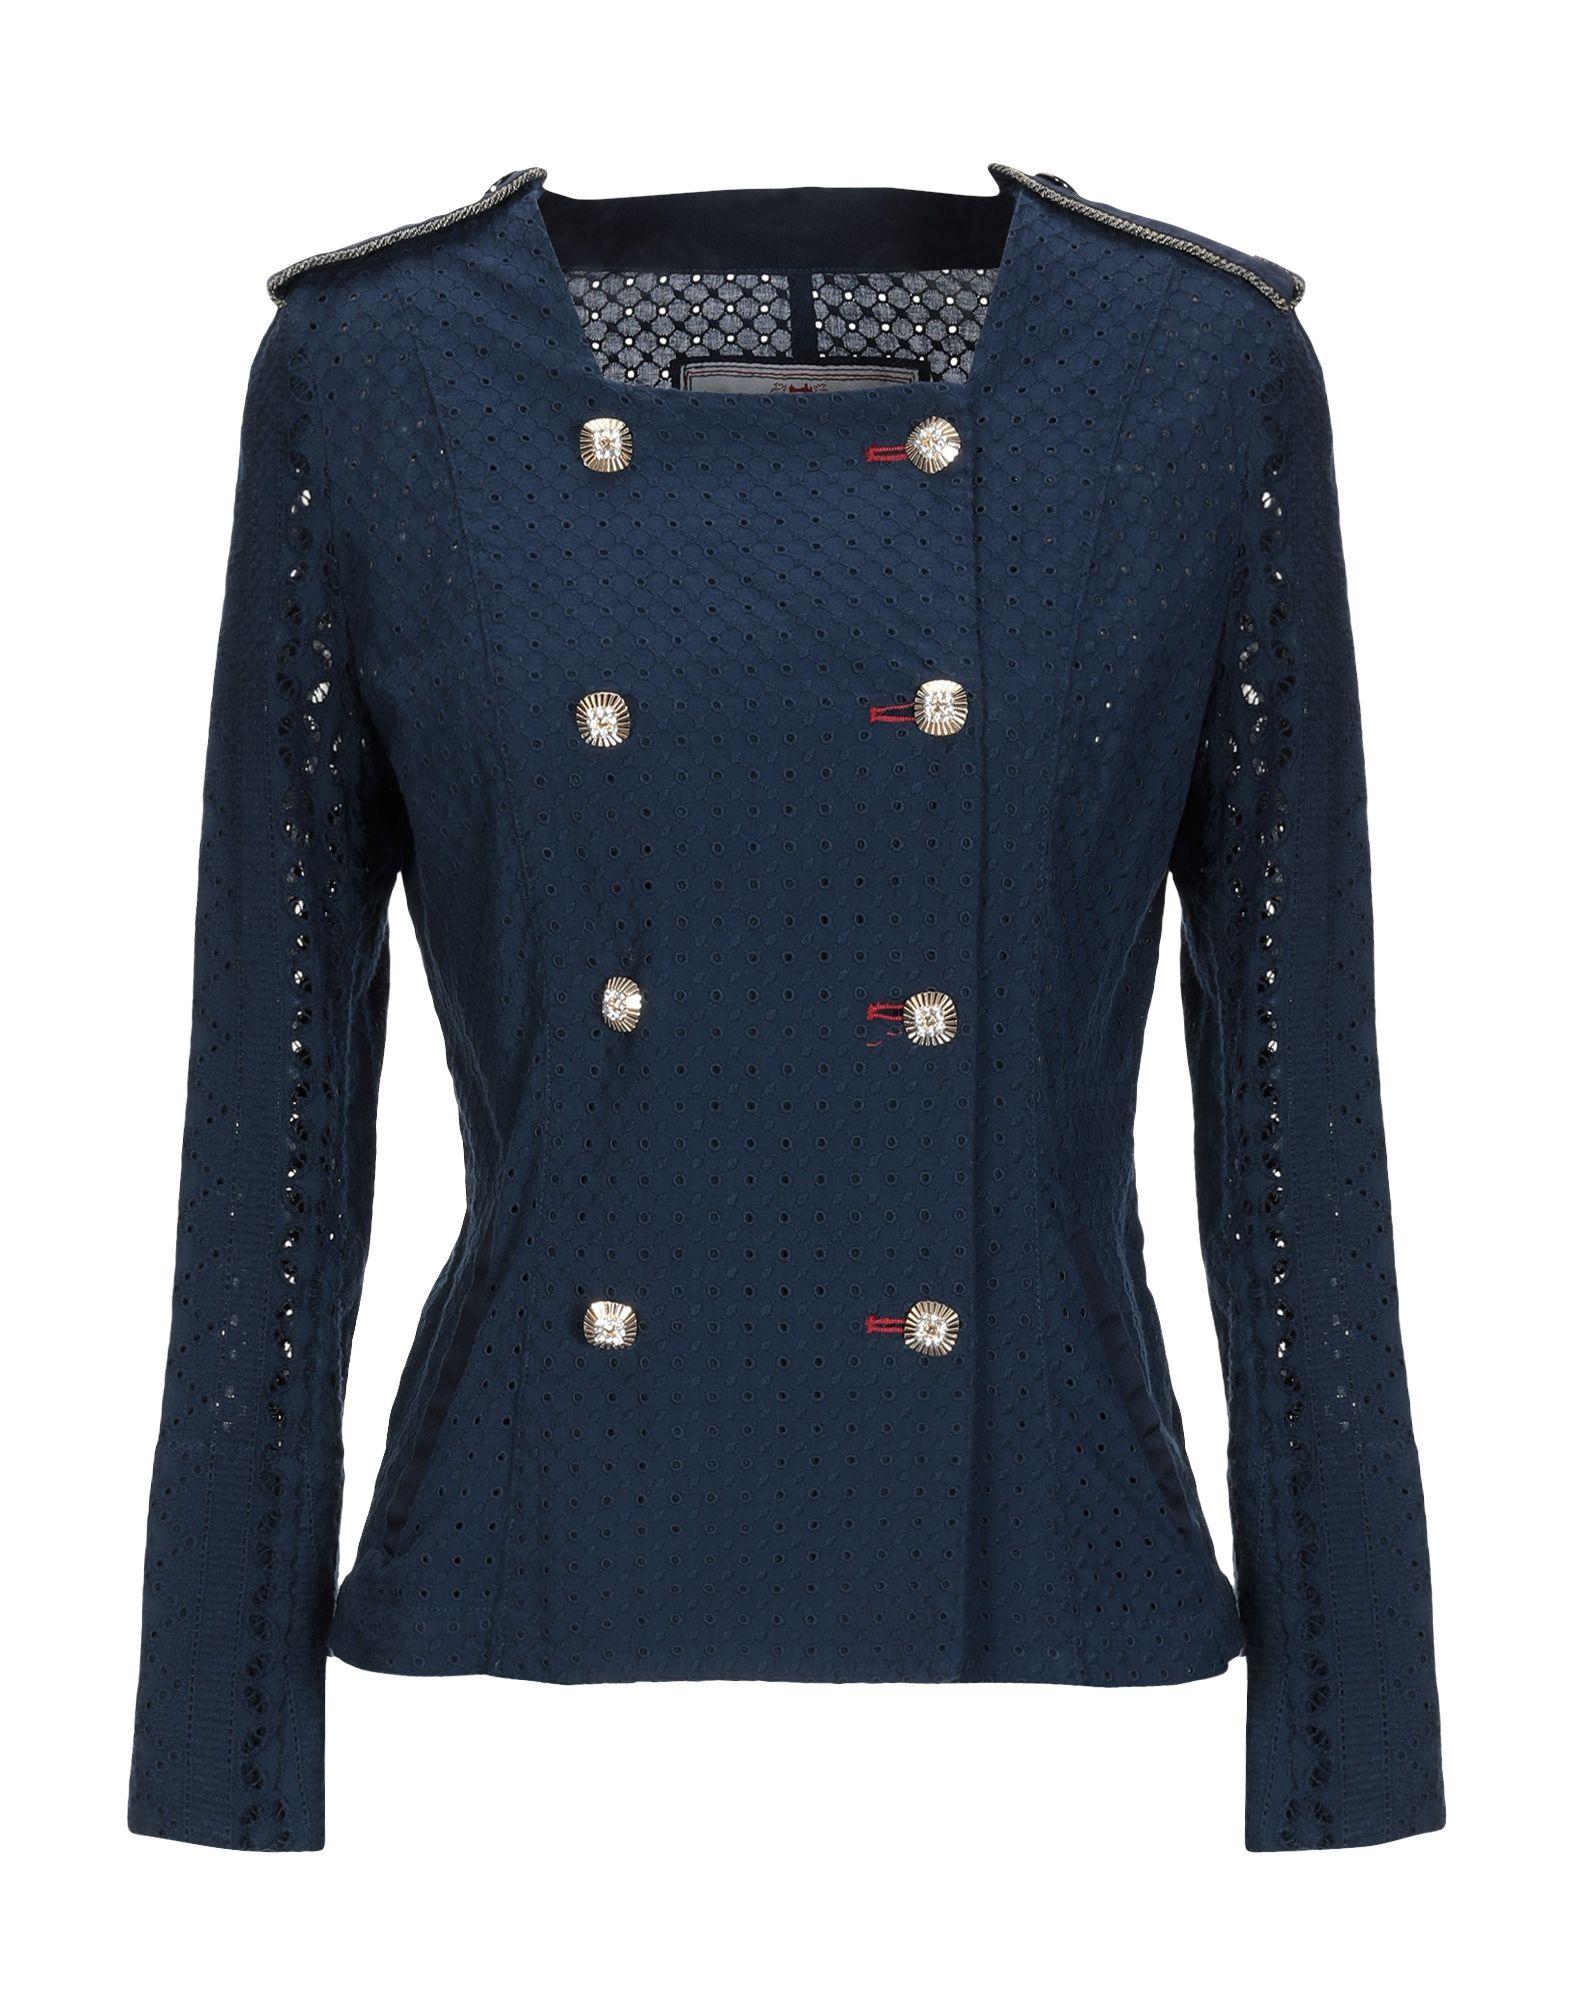 Фото - PROJECT -- [FOCE] -- SINGLESEASON -- Пиджак project [foce] singleseason куртка